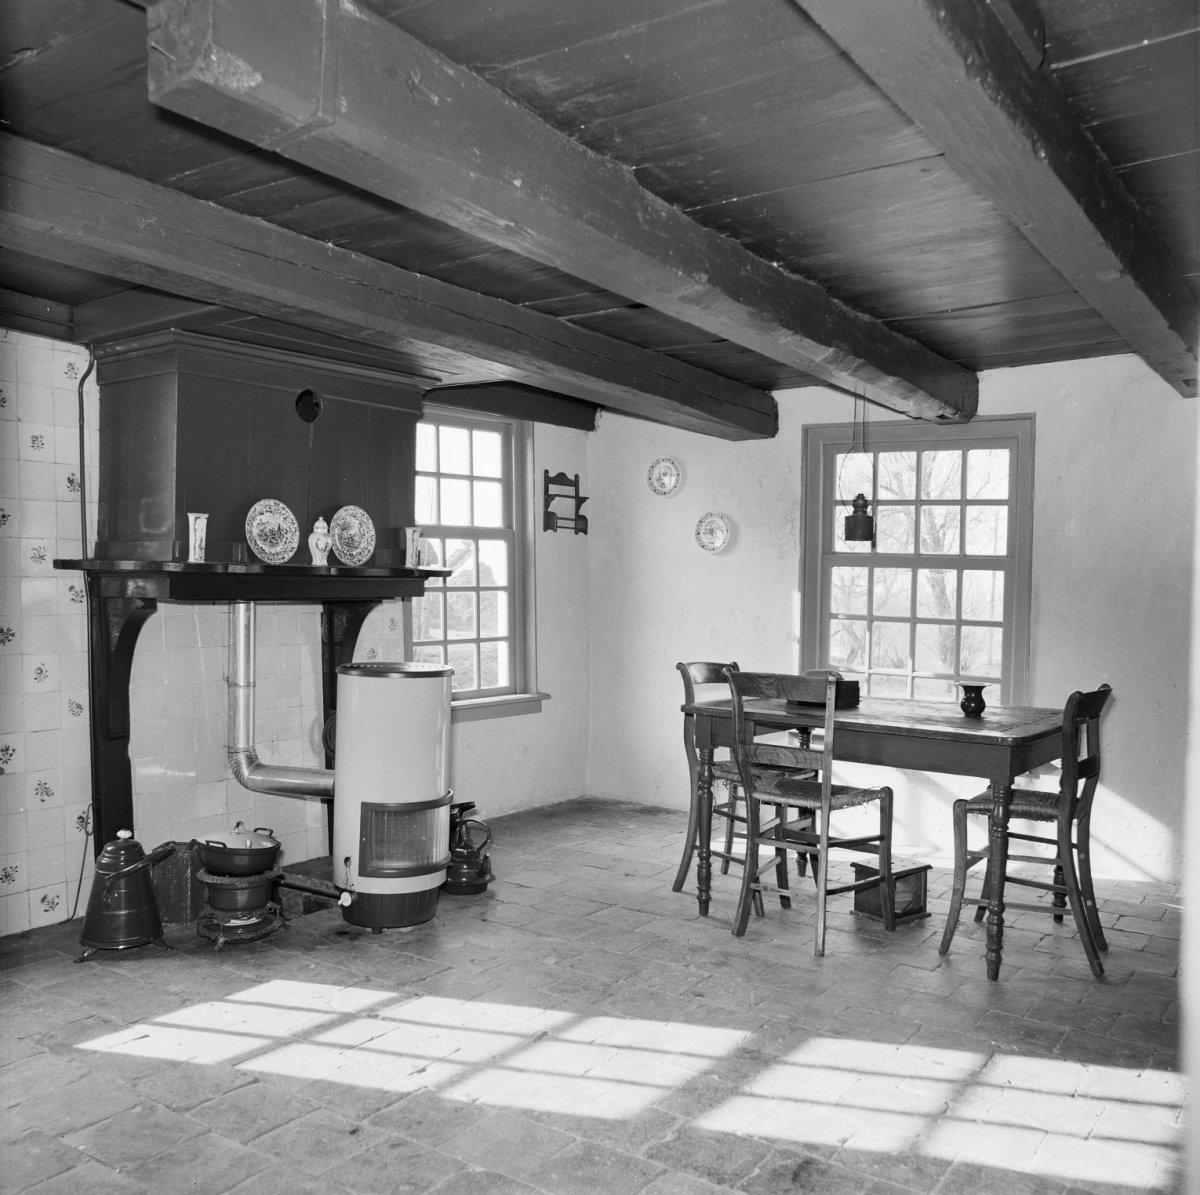 File:Nr. 10, interieur kamer achterhuis - Janum - 20120783 - RCE.jpg ...